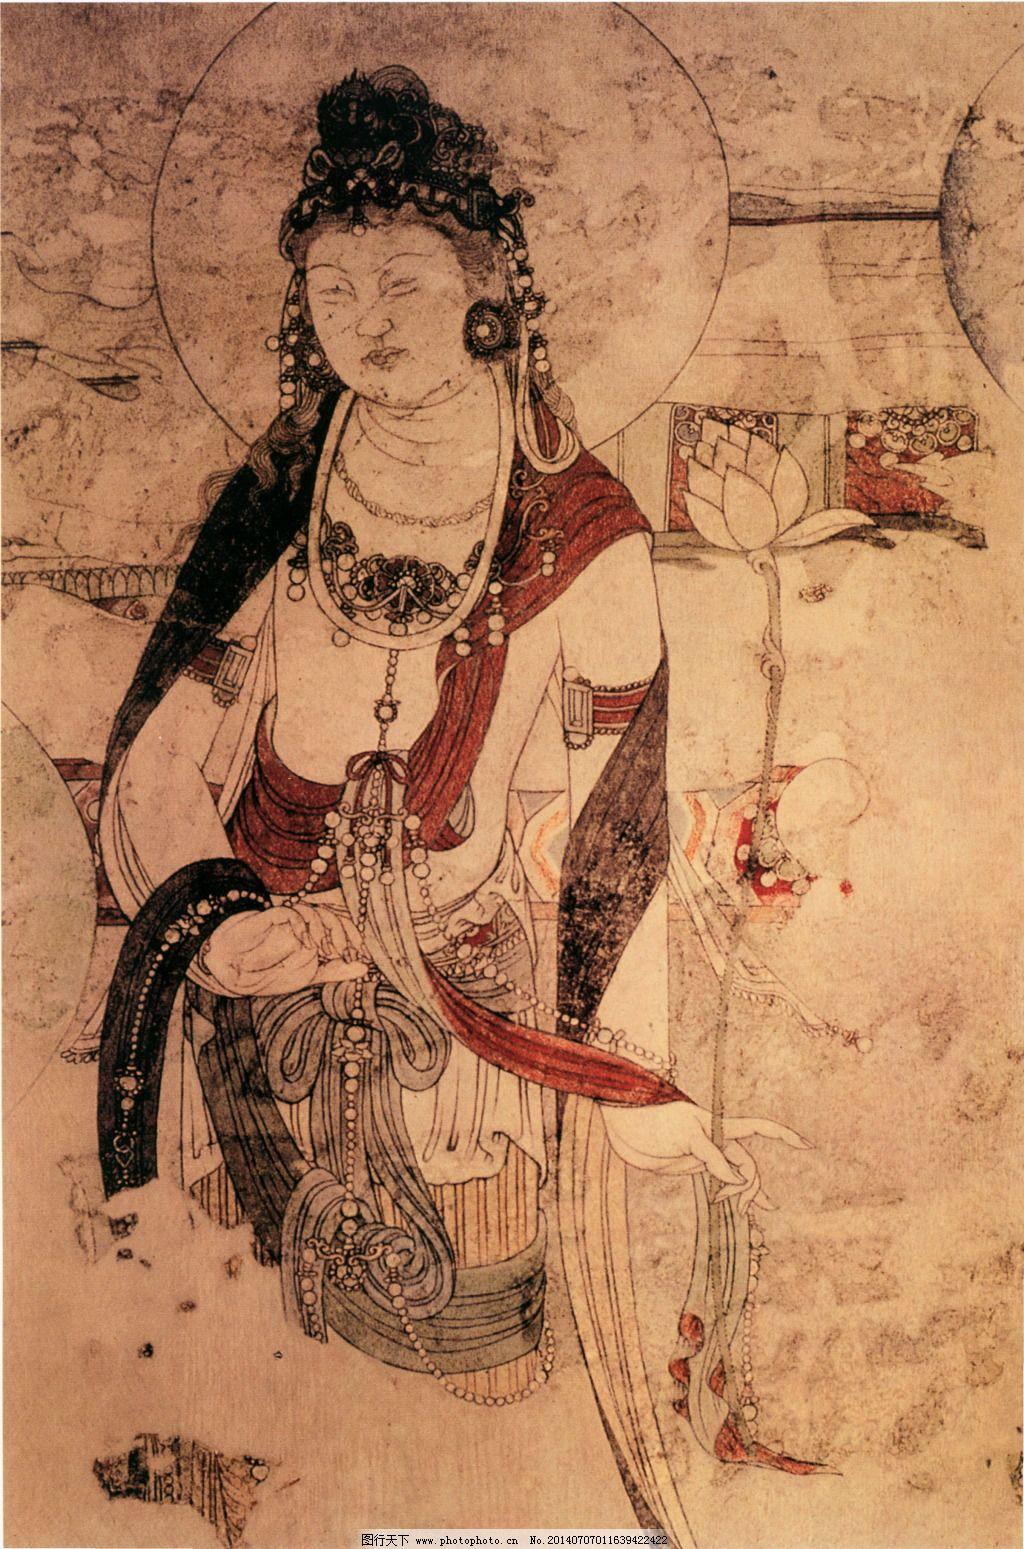 敦煌壁画免费下载 绘画 美术 中国文化 中国文化 美术 绘画 装饰素材图片